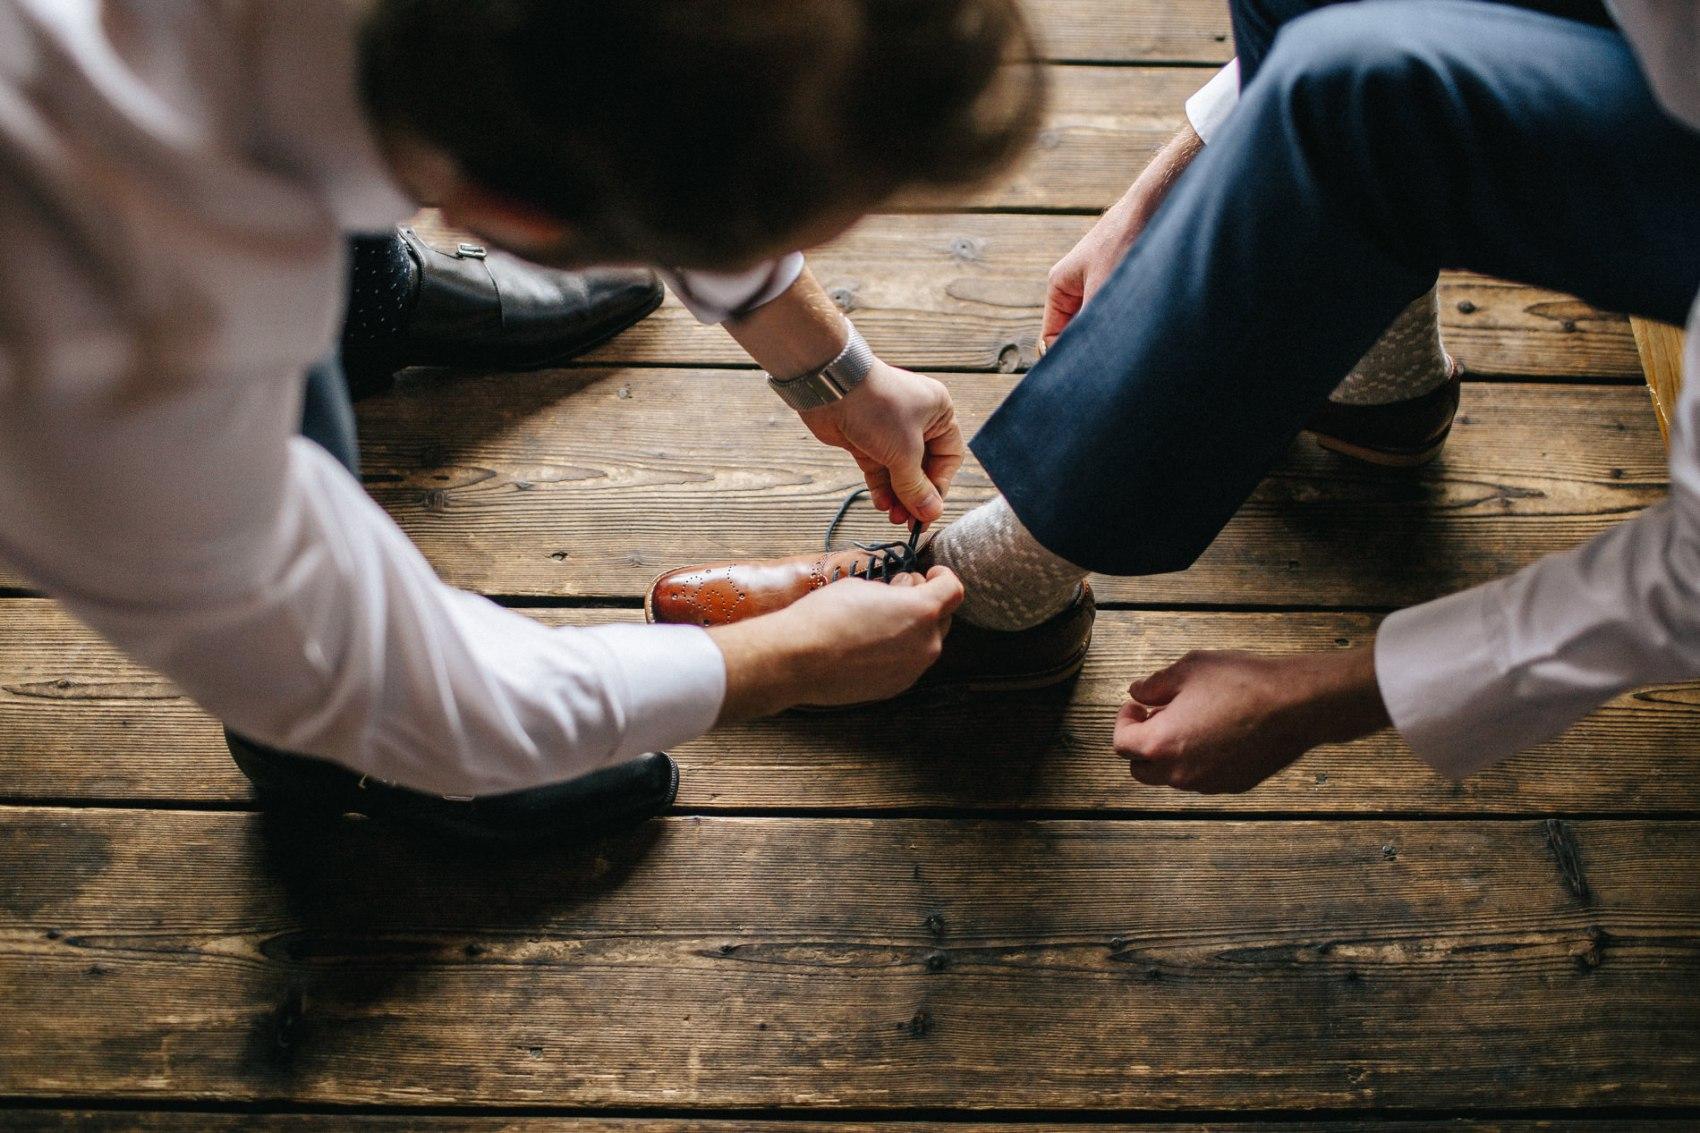 mariage-montagne-le-gite-du-passant-savoie-45.jpg